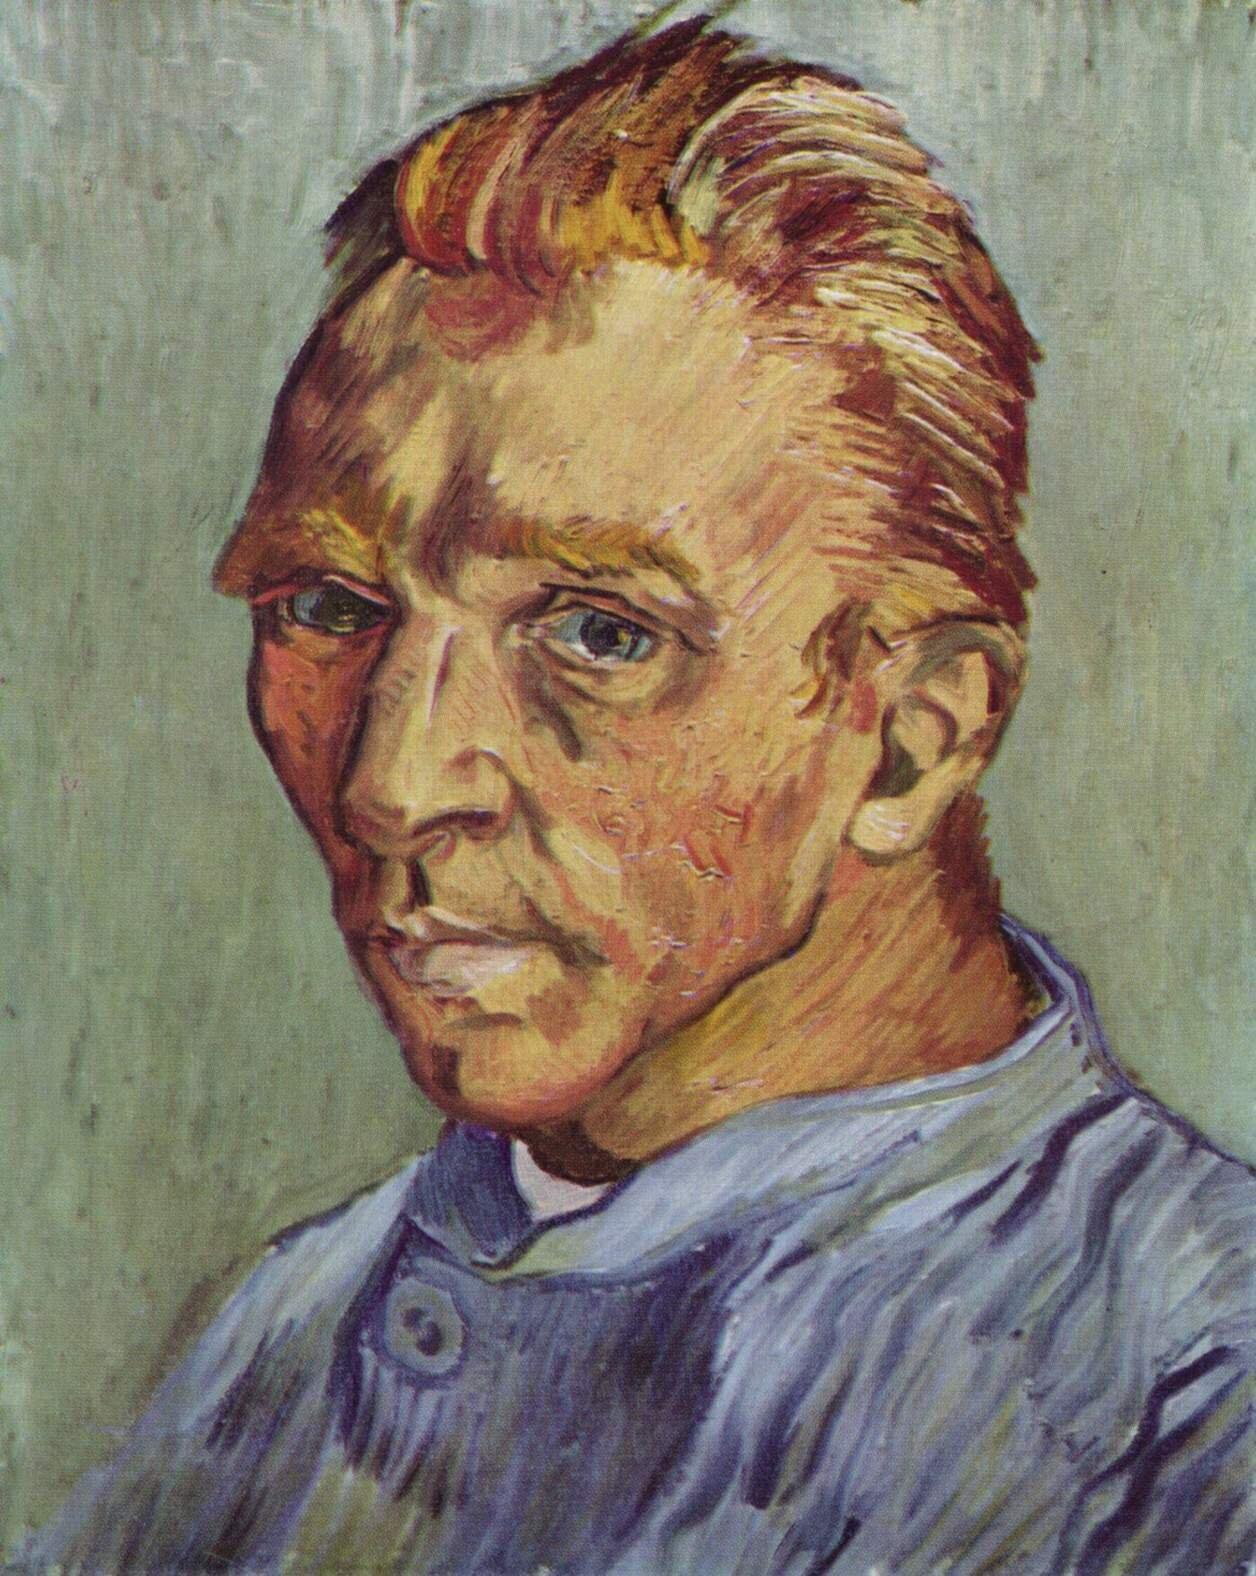 Autoportret bez brody Źródło: Vincent van Gogh, Autoportret bez brody, 1889, olej na płótnie, zbory prywatne, domena publiczna.